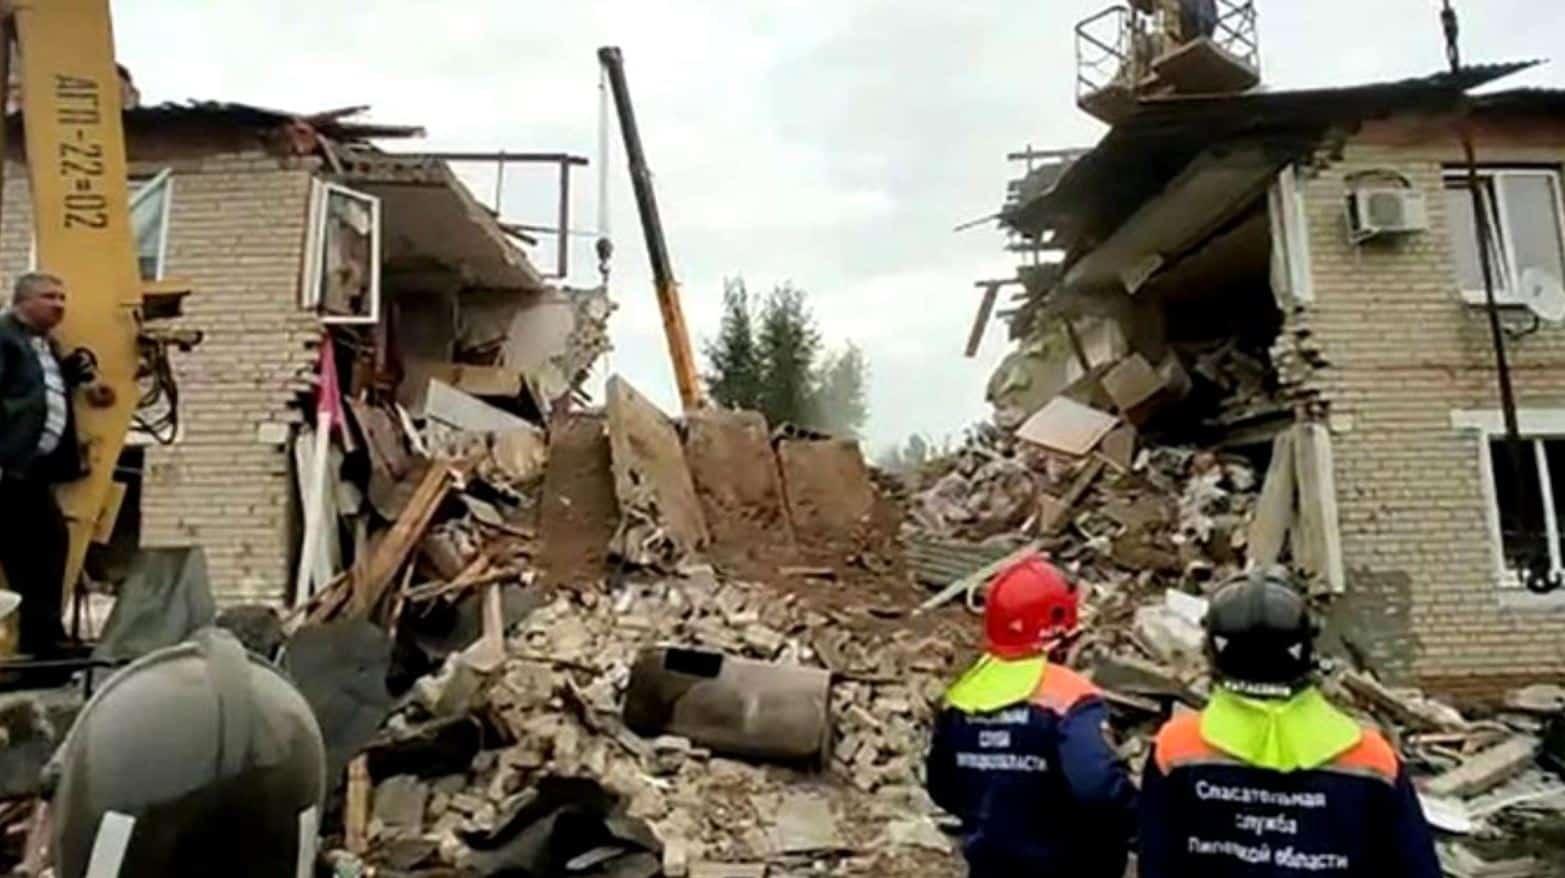 Trei oameni au murit, inclusiv un copil de 11 ani, după o explozie în Rusia